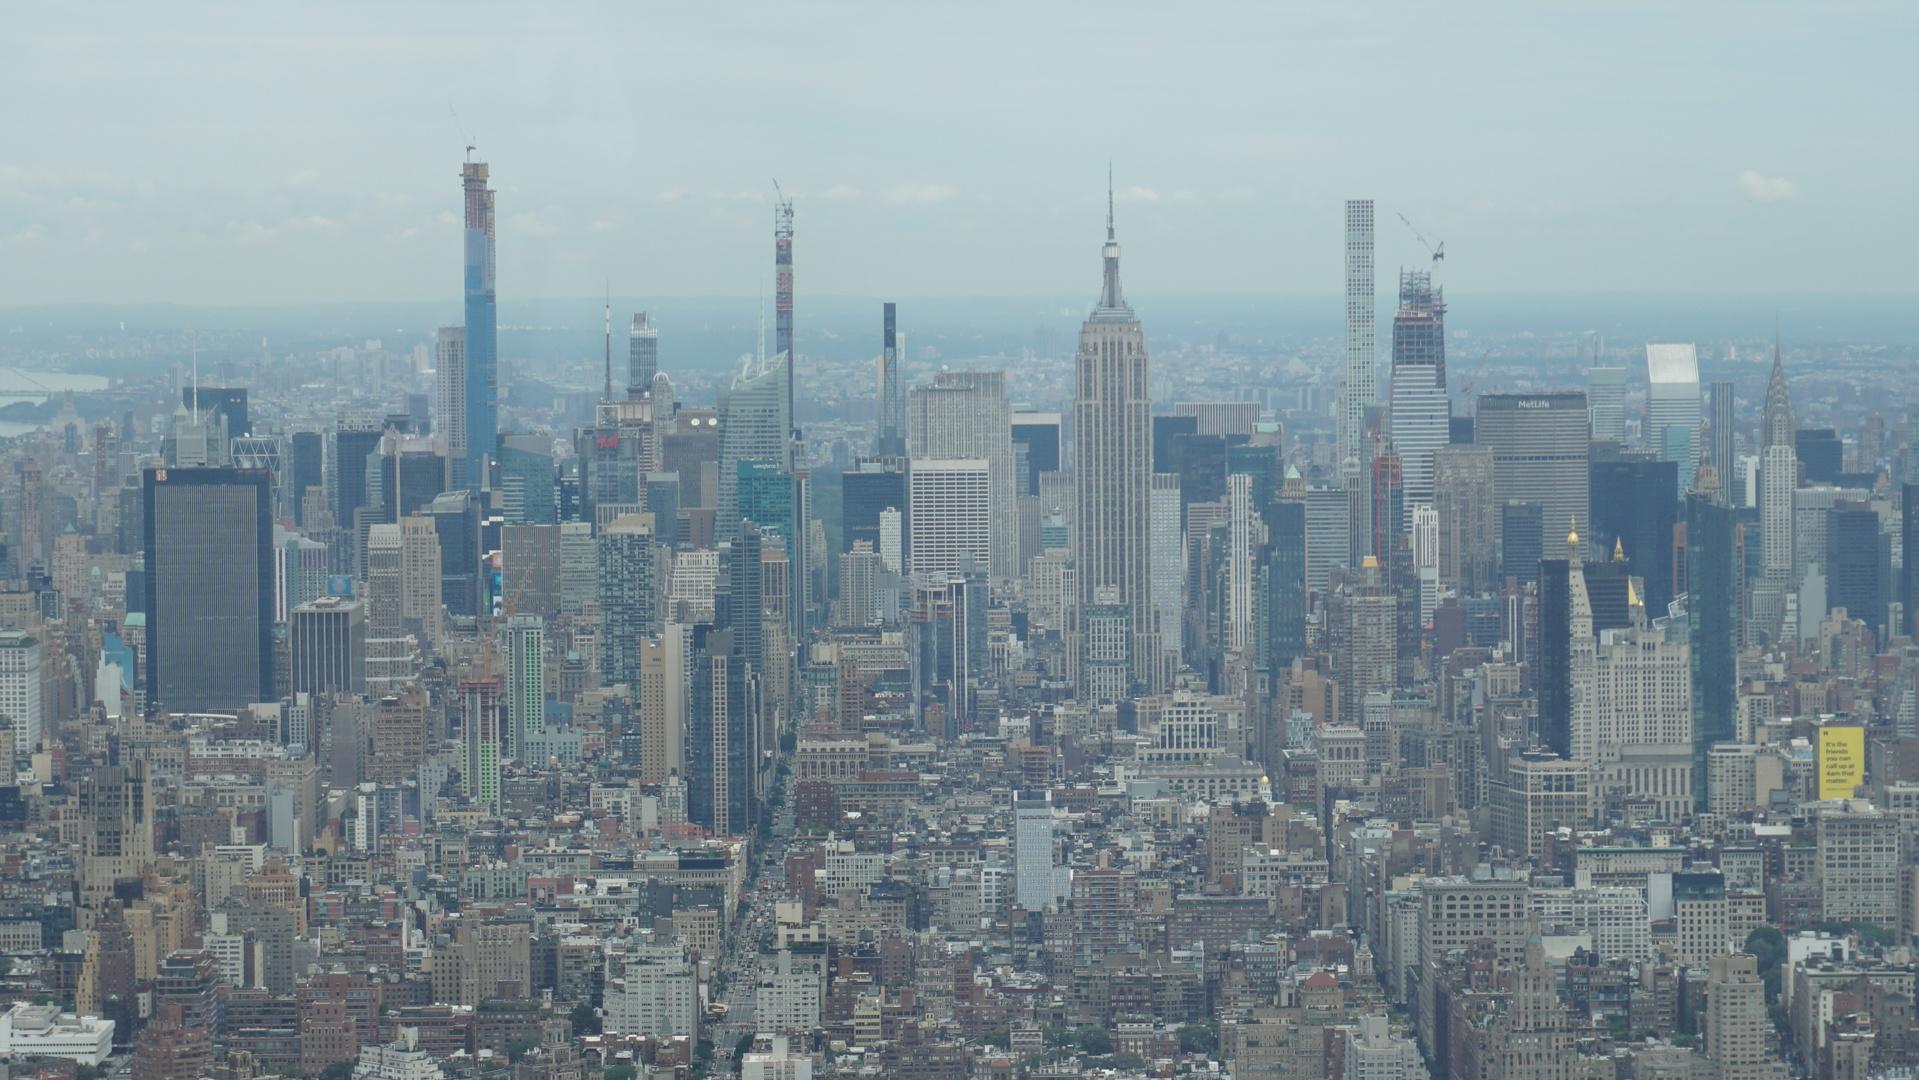 時間的な制約があり、効率的かつ日本語ガイド付きという事で半日ツアーを申し込みました。WTCチケット付きでしたのでお昼前の解散になりましたが、主なところはカバー出来たと思います。WTC後ブルックリン橋を歩く予定でしたが、雨が降っていたので断念しました。ダンボ地区のコースもあっても良いと思います。